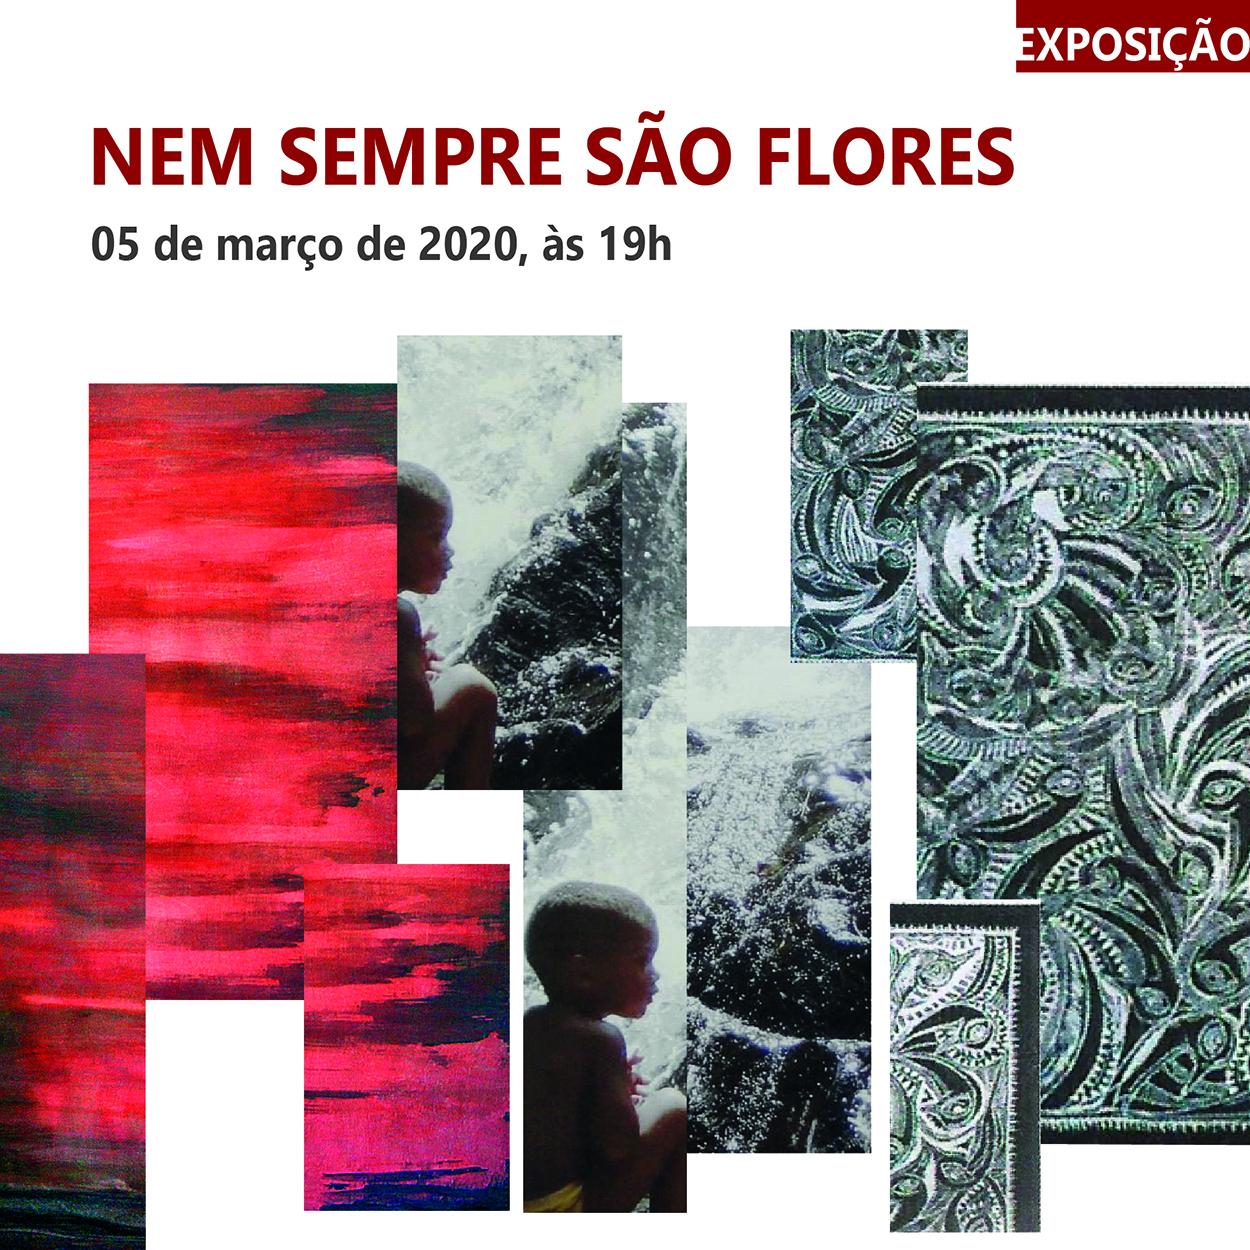 """Exposição: """"Nem sempre são flores"""" no Museu de Arte do NAC"""